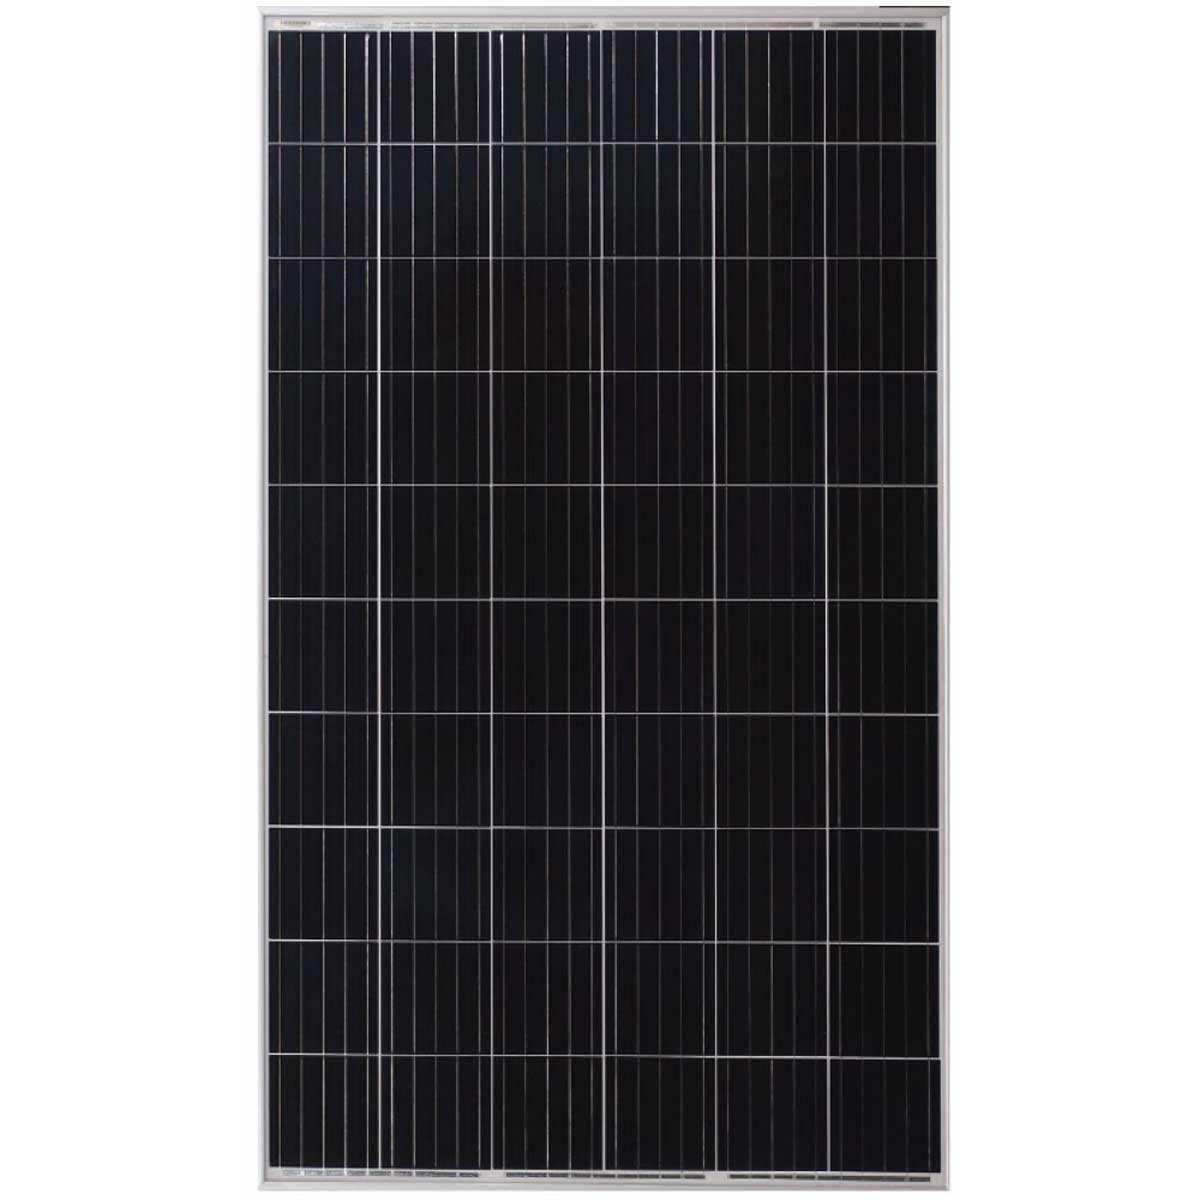 پنل خورشیدی مدل YL150C -18b ظرفیت 150 وات